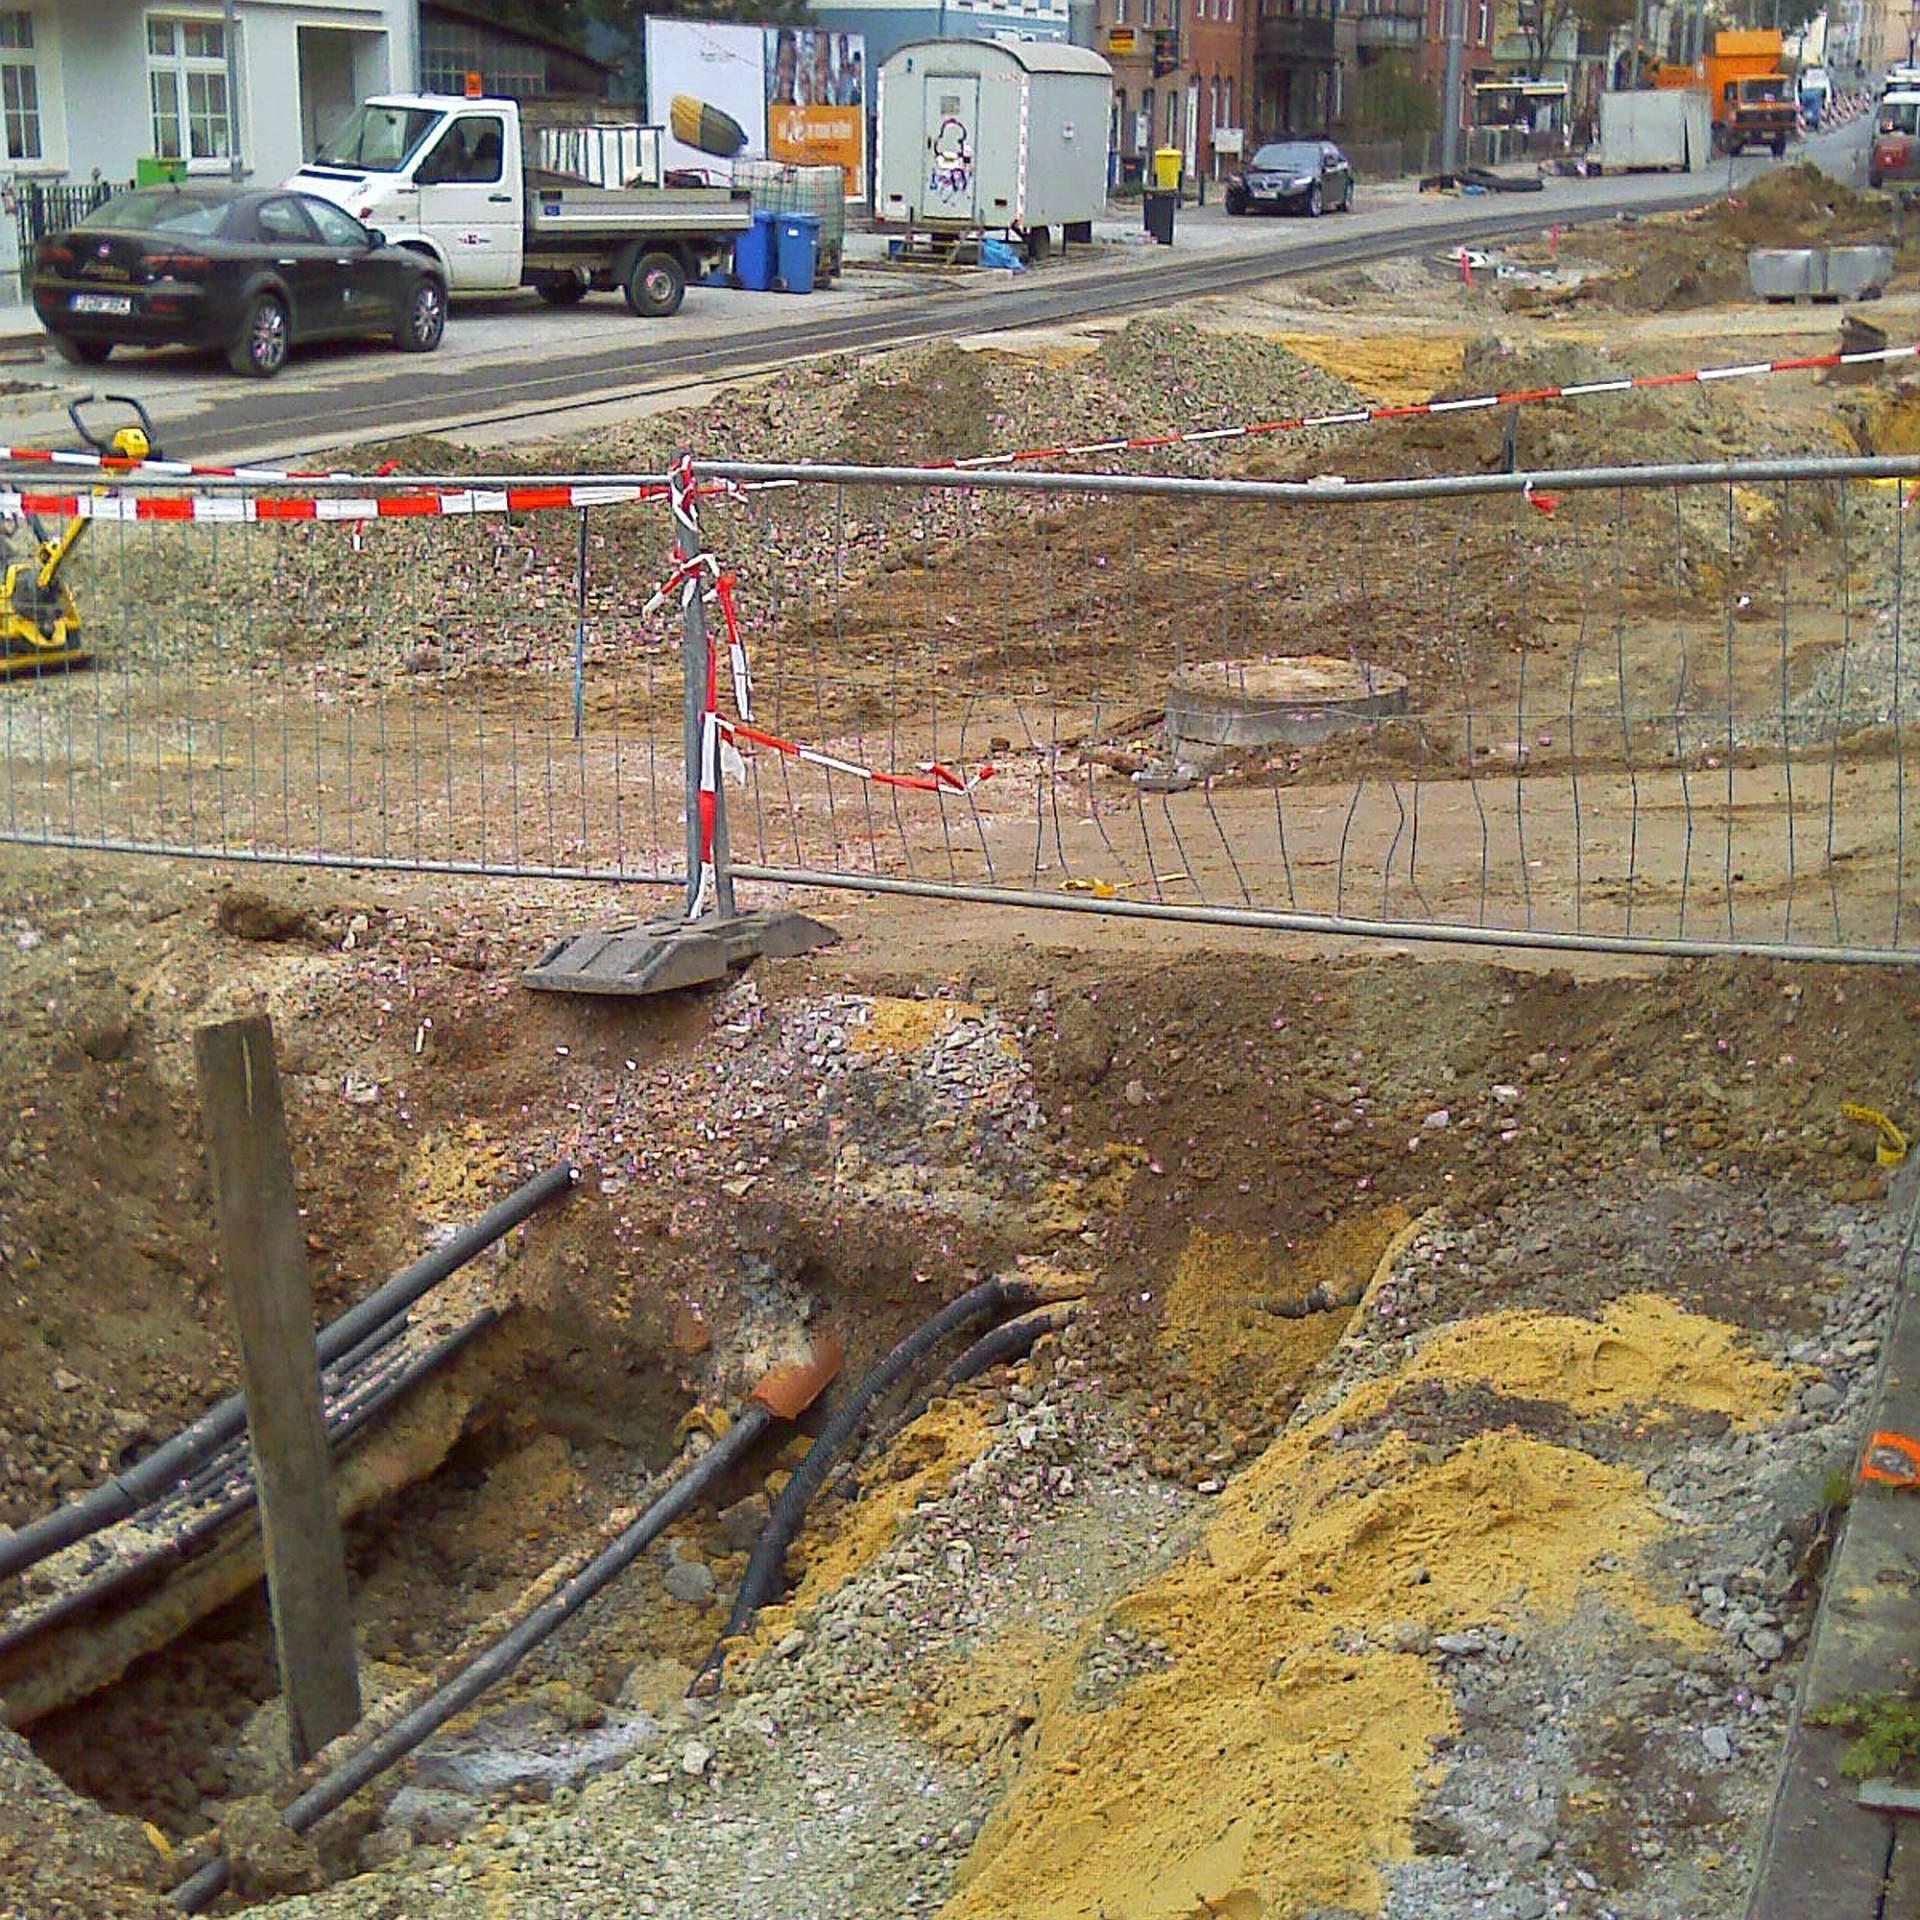 Tiefbauarbeiten / Straßenbau in Jena. Man sieht eine aufgerissene Straße mit verschiedenen Erdstoffen udn Schotter. Darin befindet sich eine Versorgungsleitung. Die Baustelle ist mit Gittern und Flatterband abgesichert.- Symbolfoto © KSJ